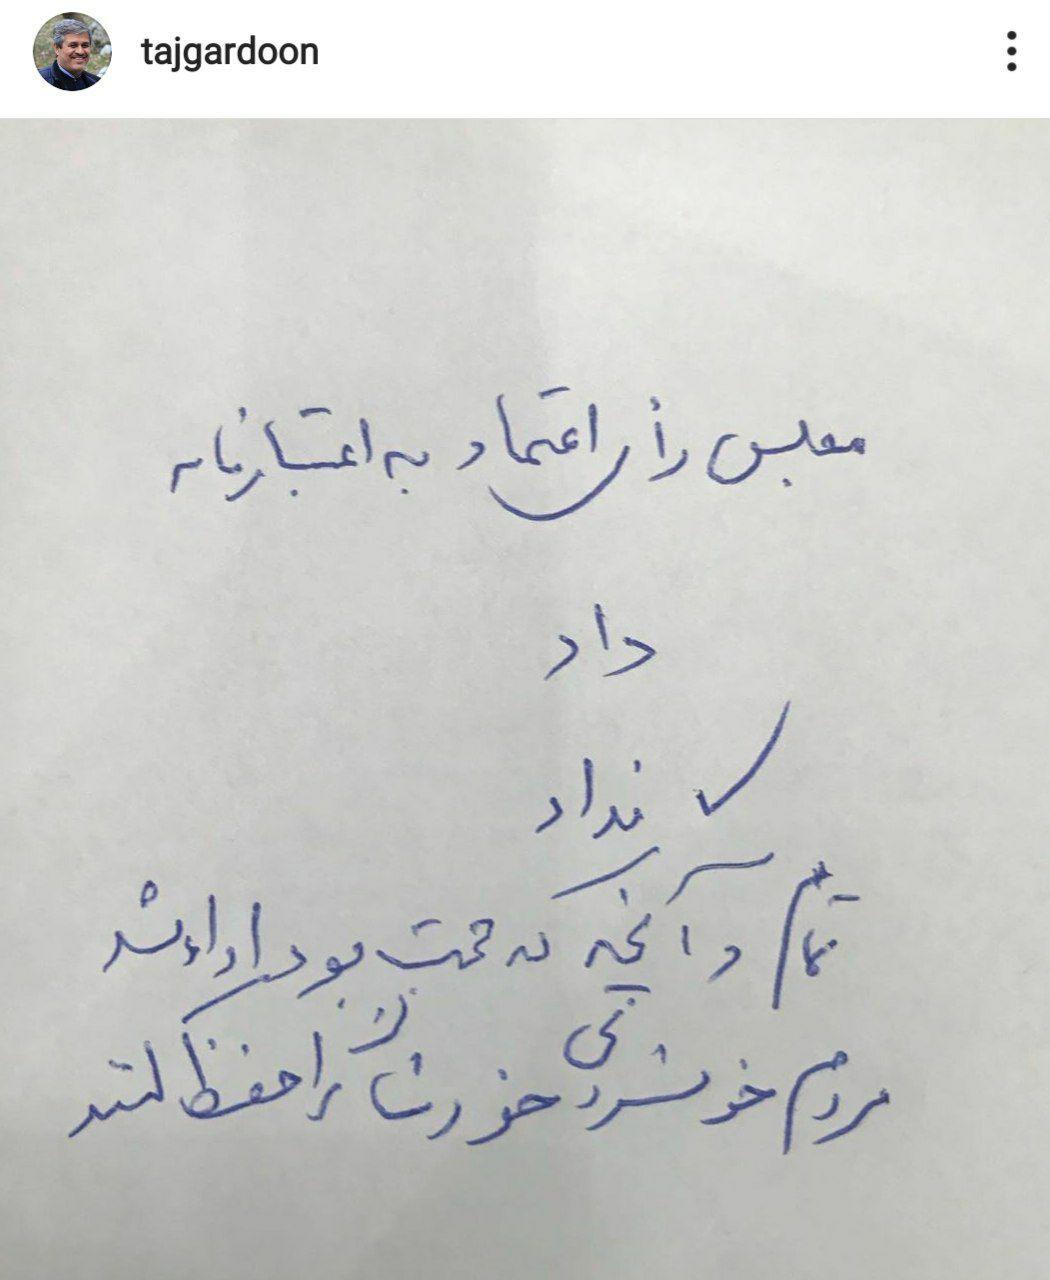 پست اینستاگرامی تاجگردون بعد از رد اعتبارنامهاش توسط مجلس